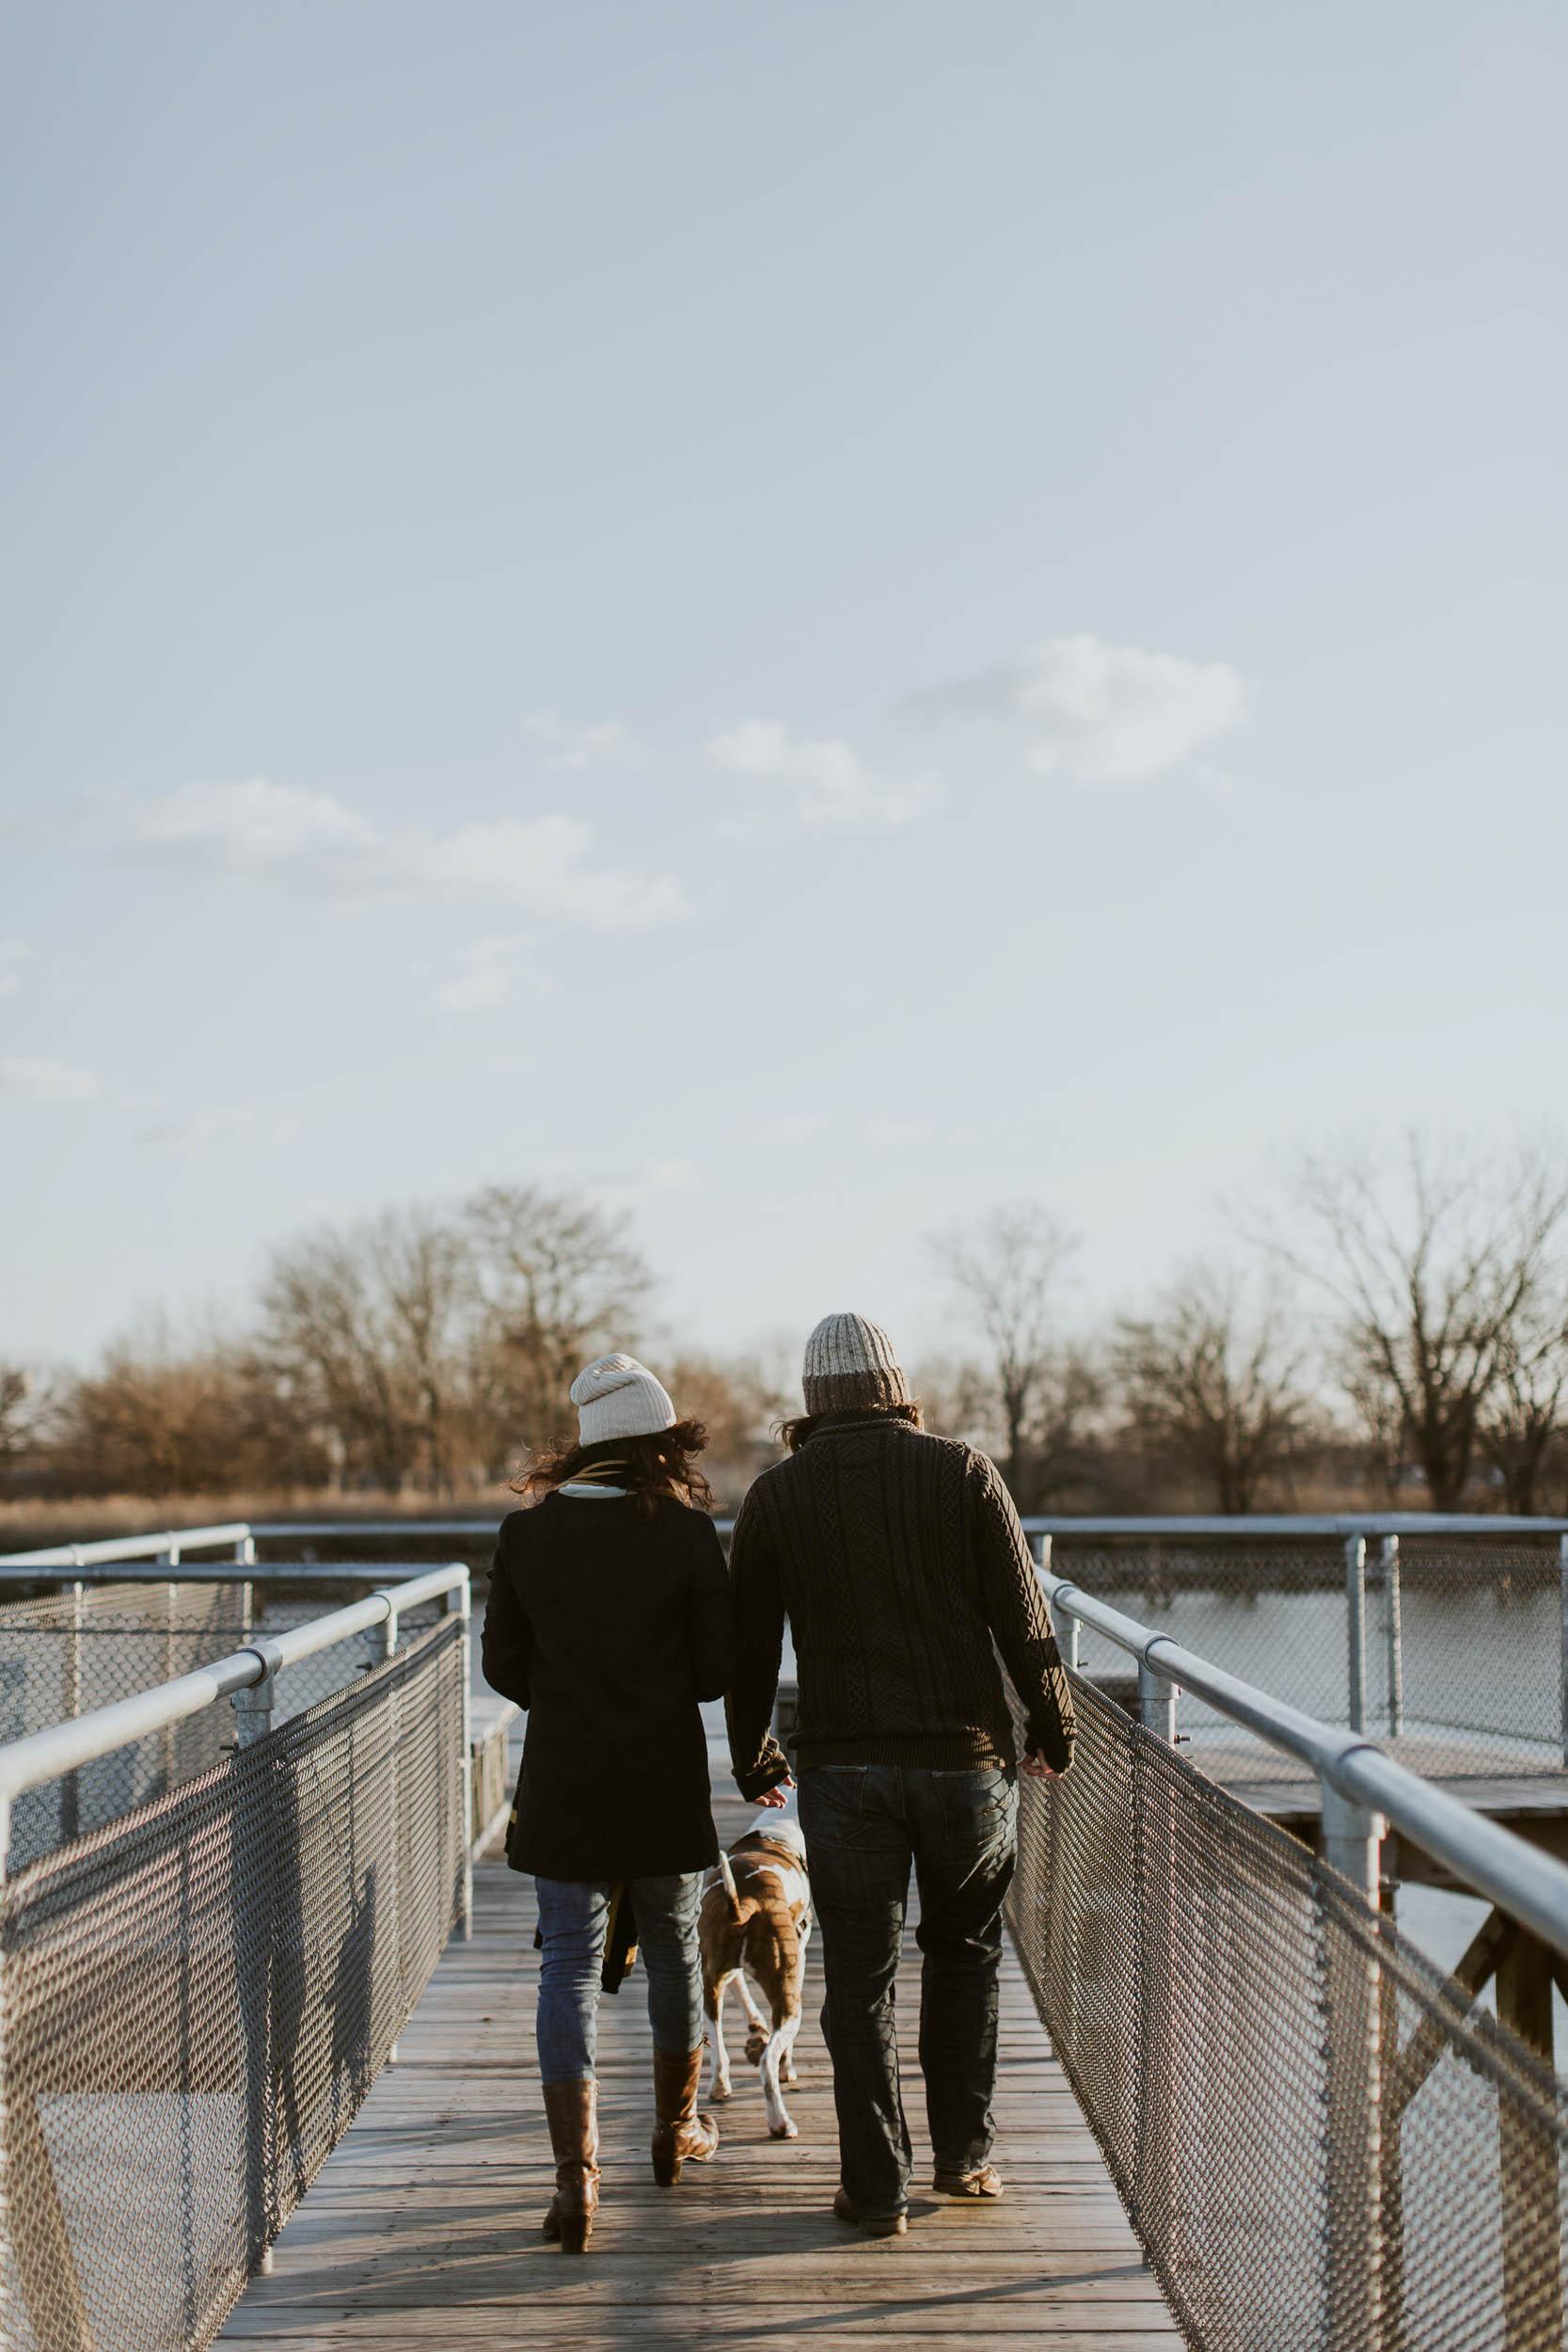 Kristen-Humbert-Family-Photoshoot-Philadelphia_Ruby-James-W-2-38.jpg